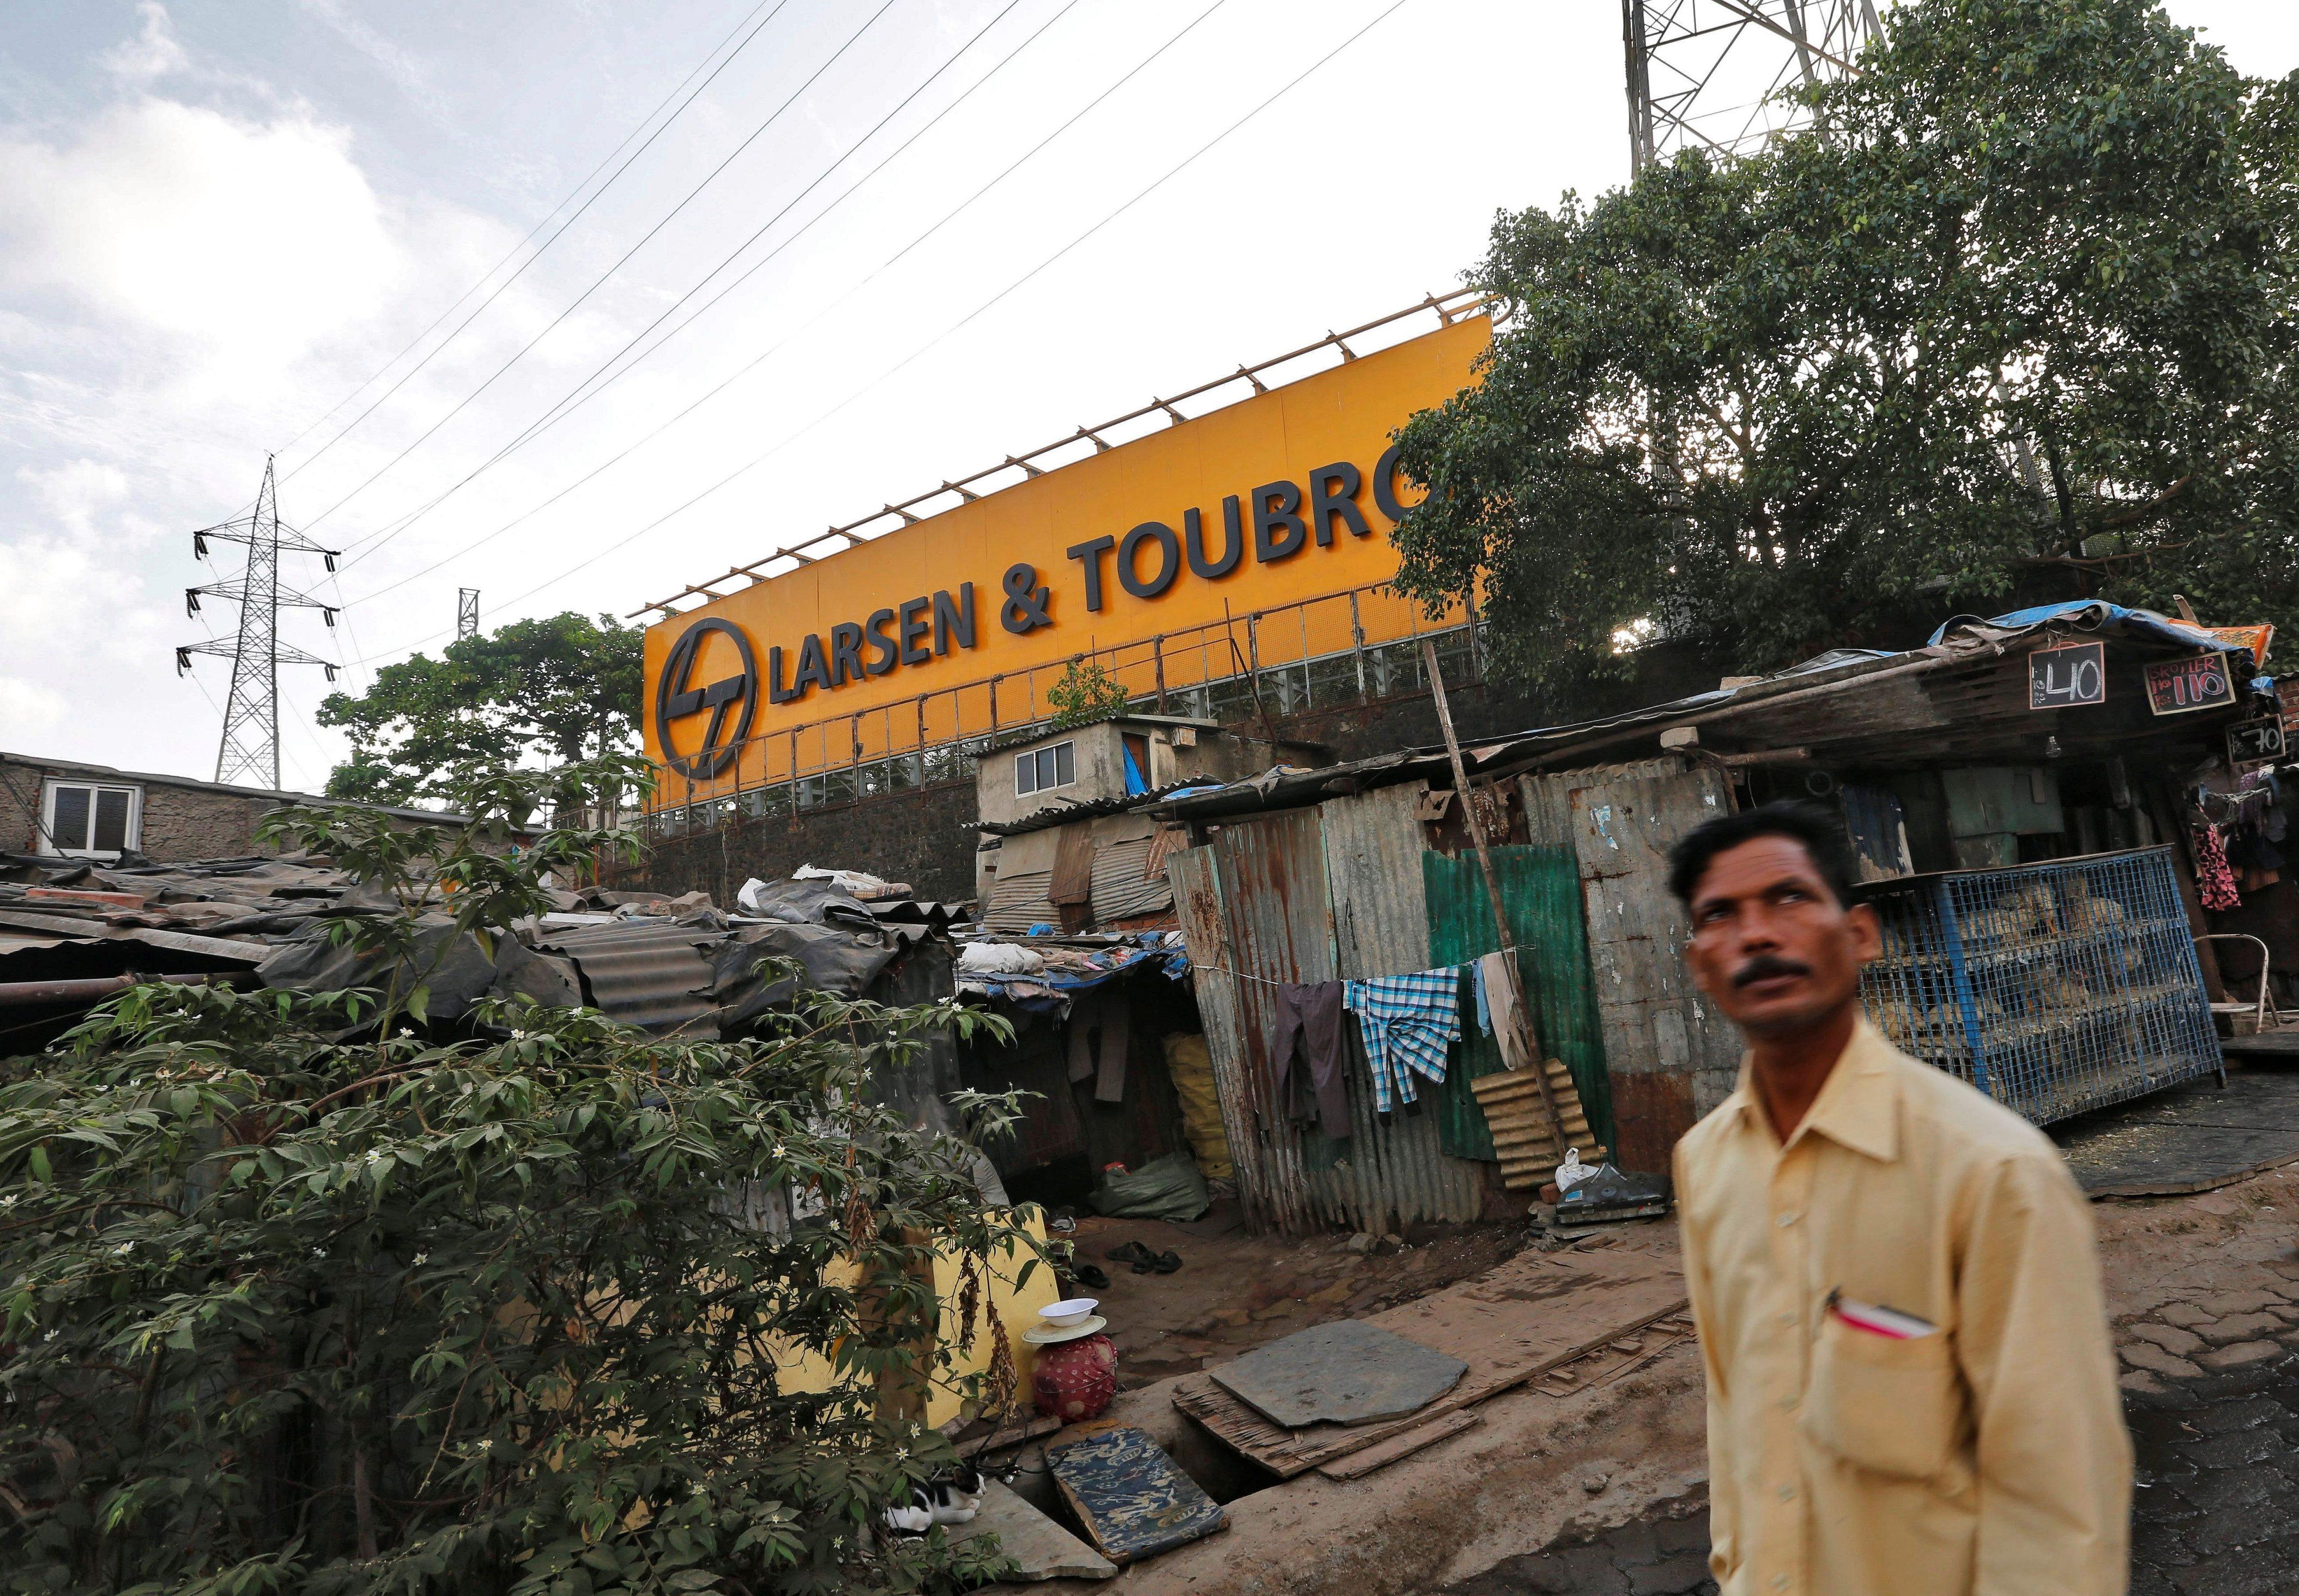 A man walks through a slum outside the L&T factory in Mumbai